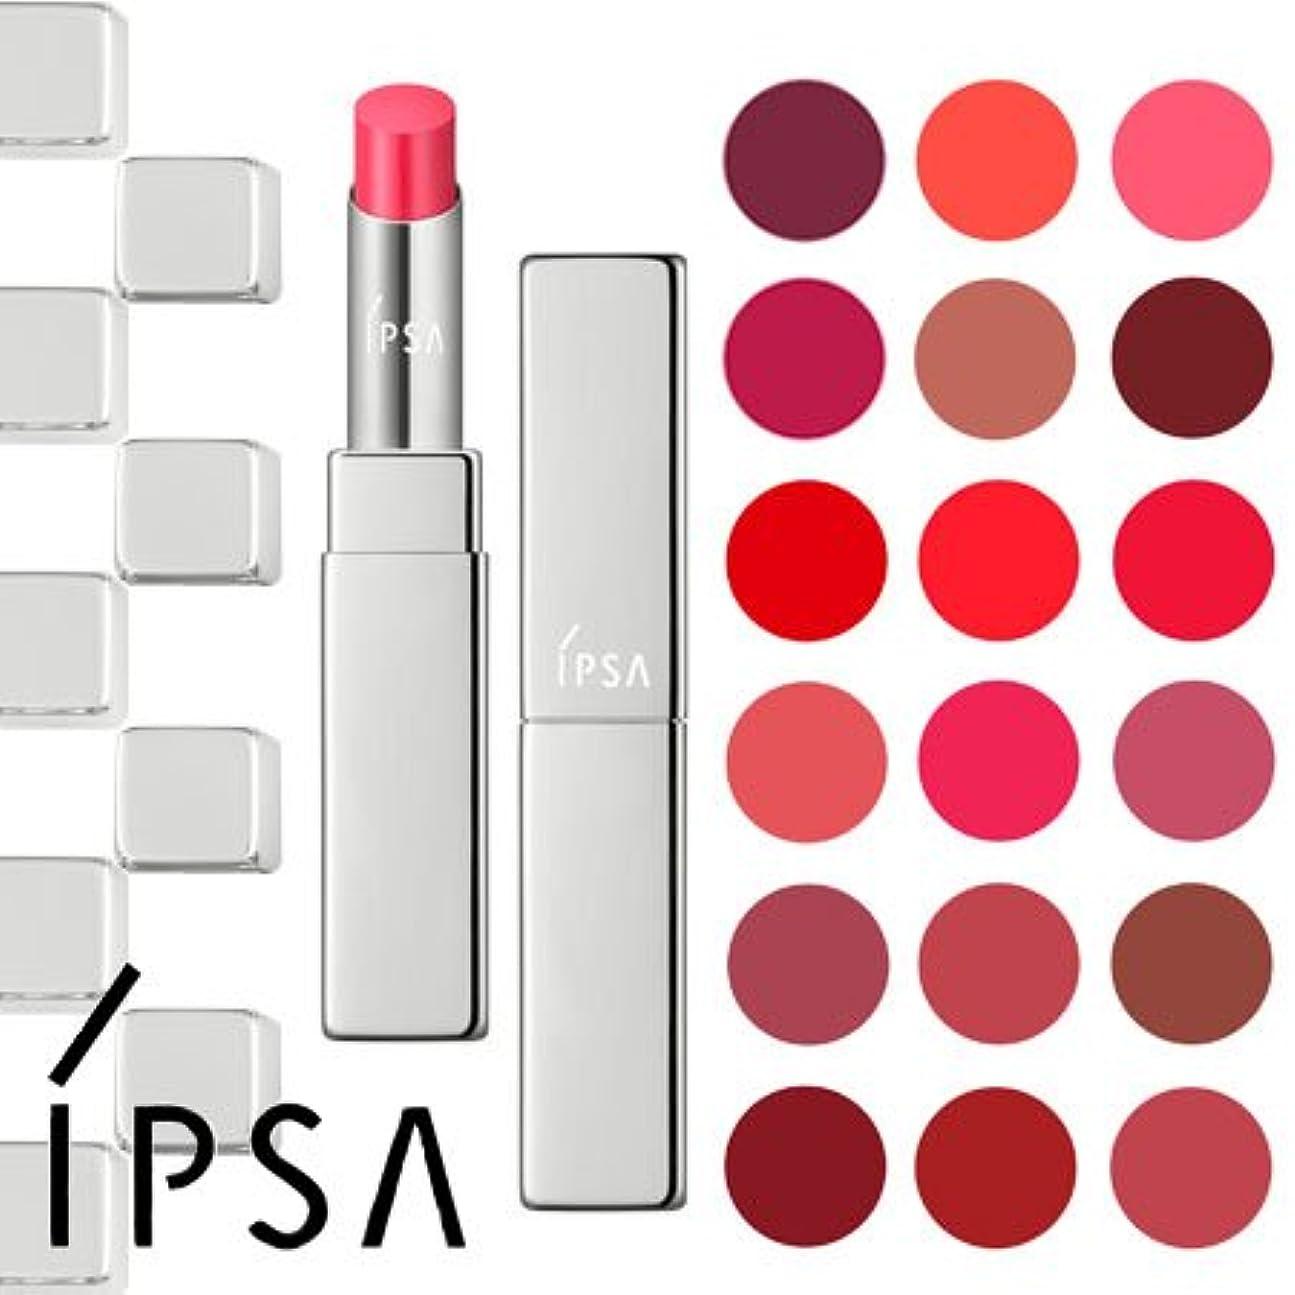 イプサ リップスティック -IPSA- C10